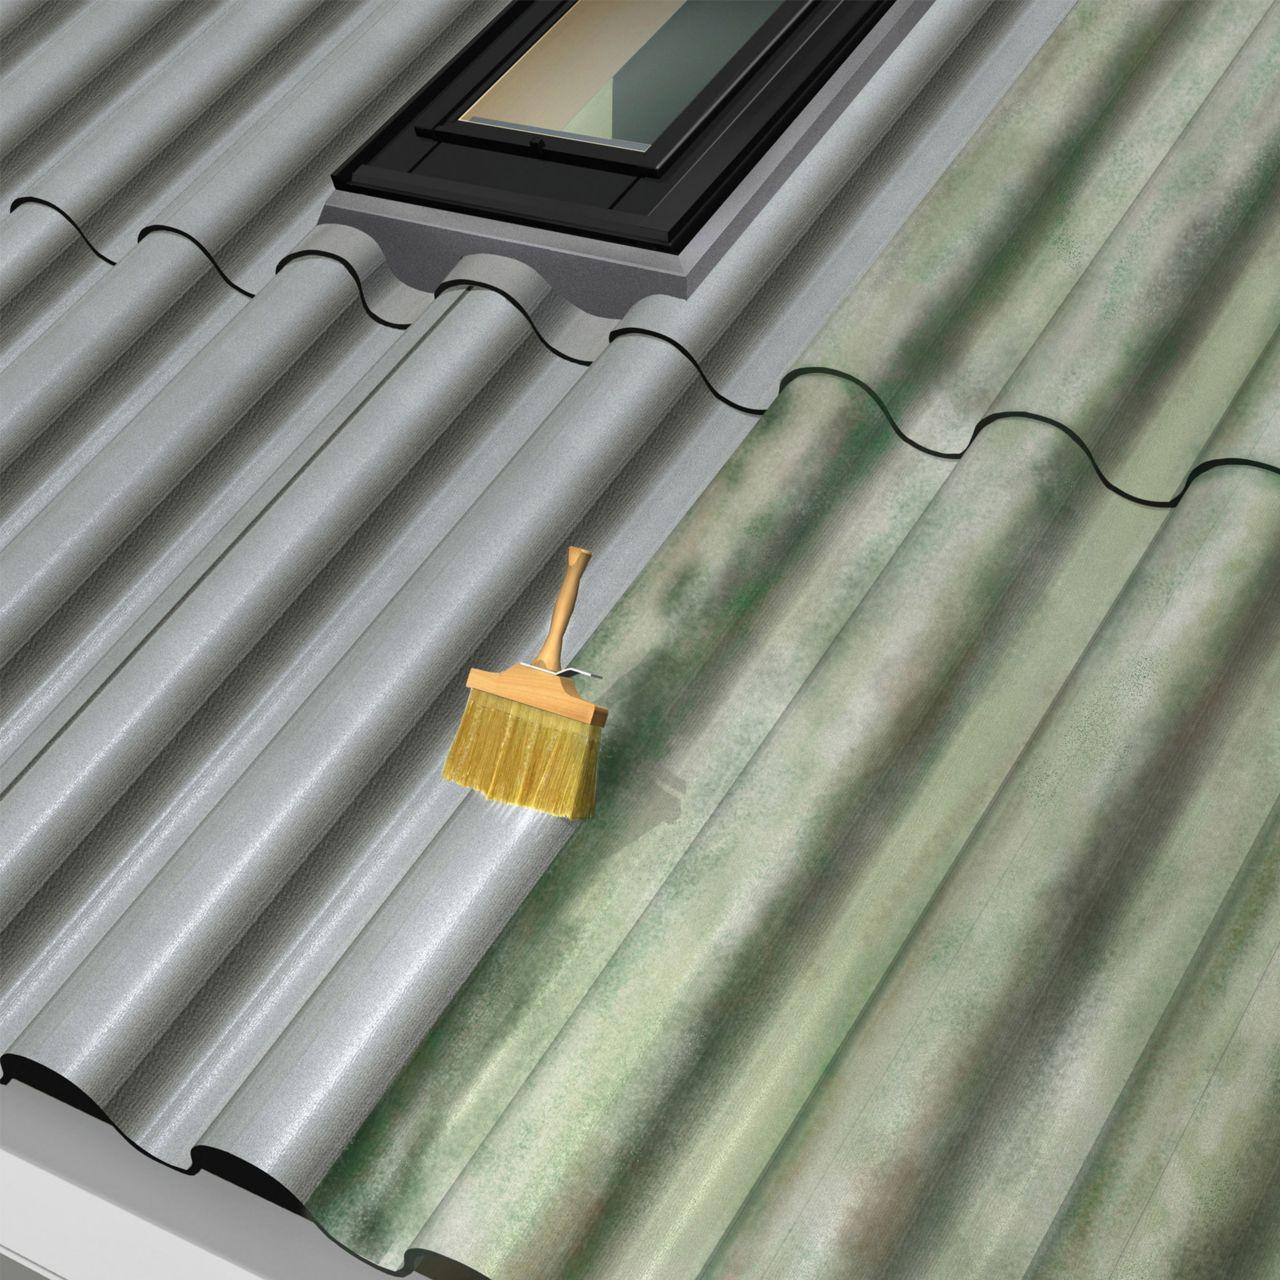 mos verwijderen op daken met platen